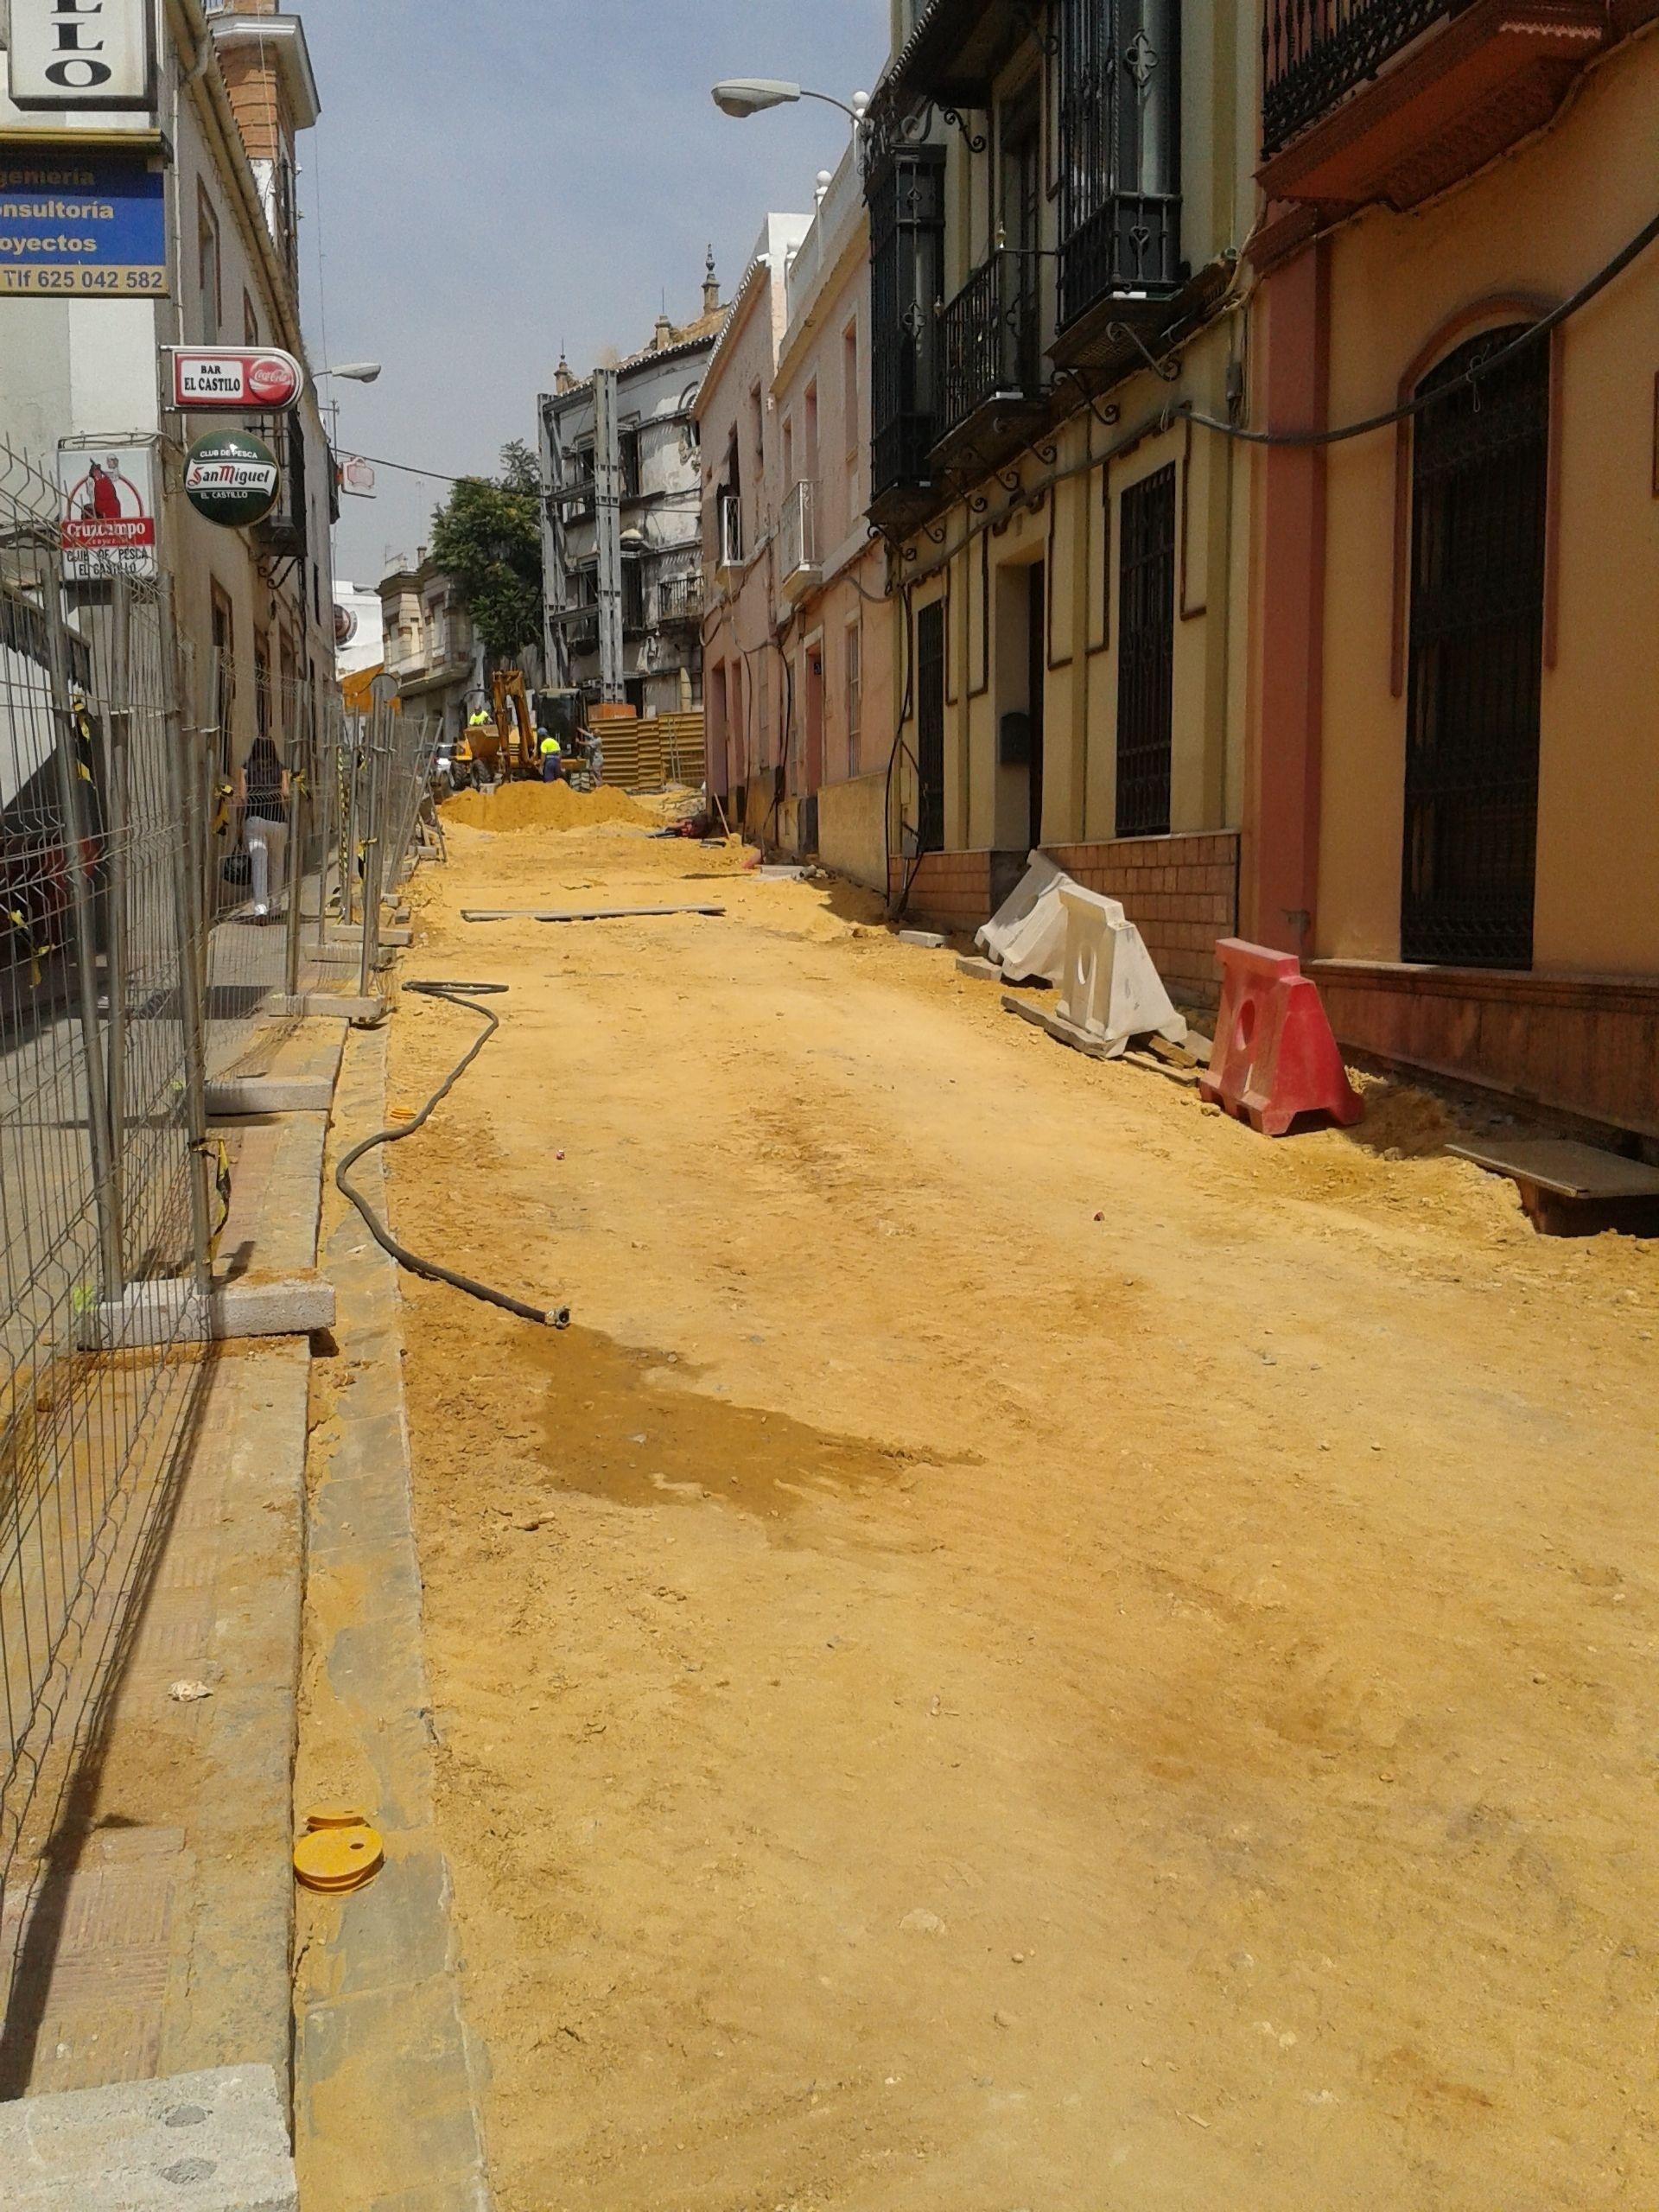 Alcalá de Guadaíra prosigue con buen ritmo las obras de saneamiento y reurbanización de la calle Herrero